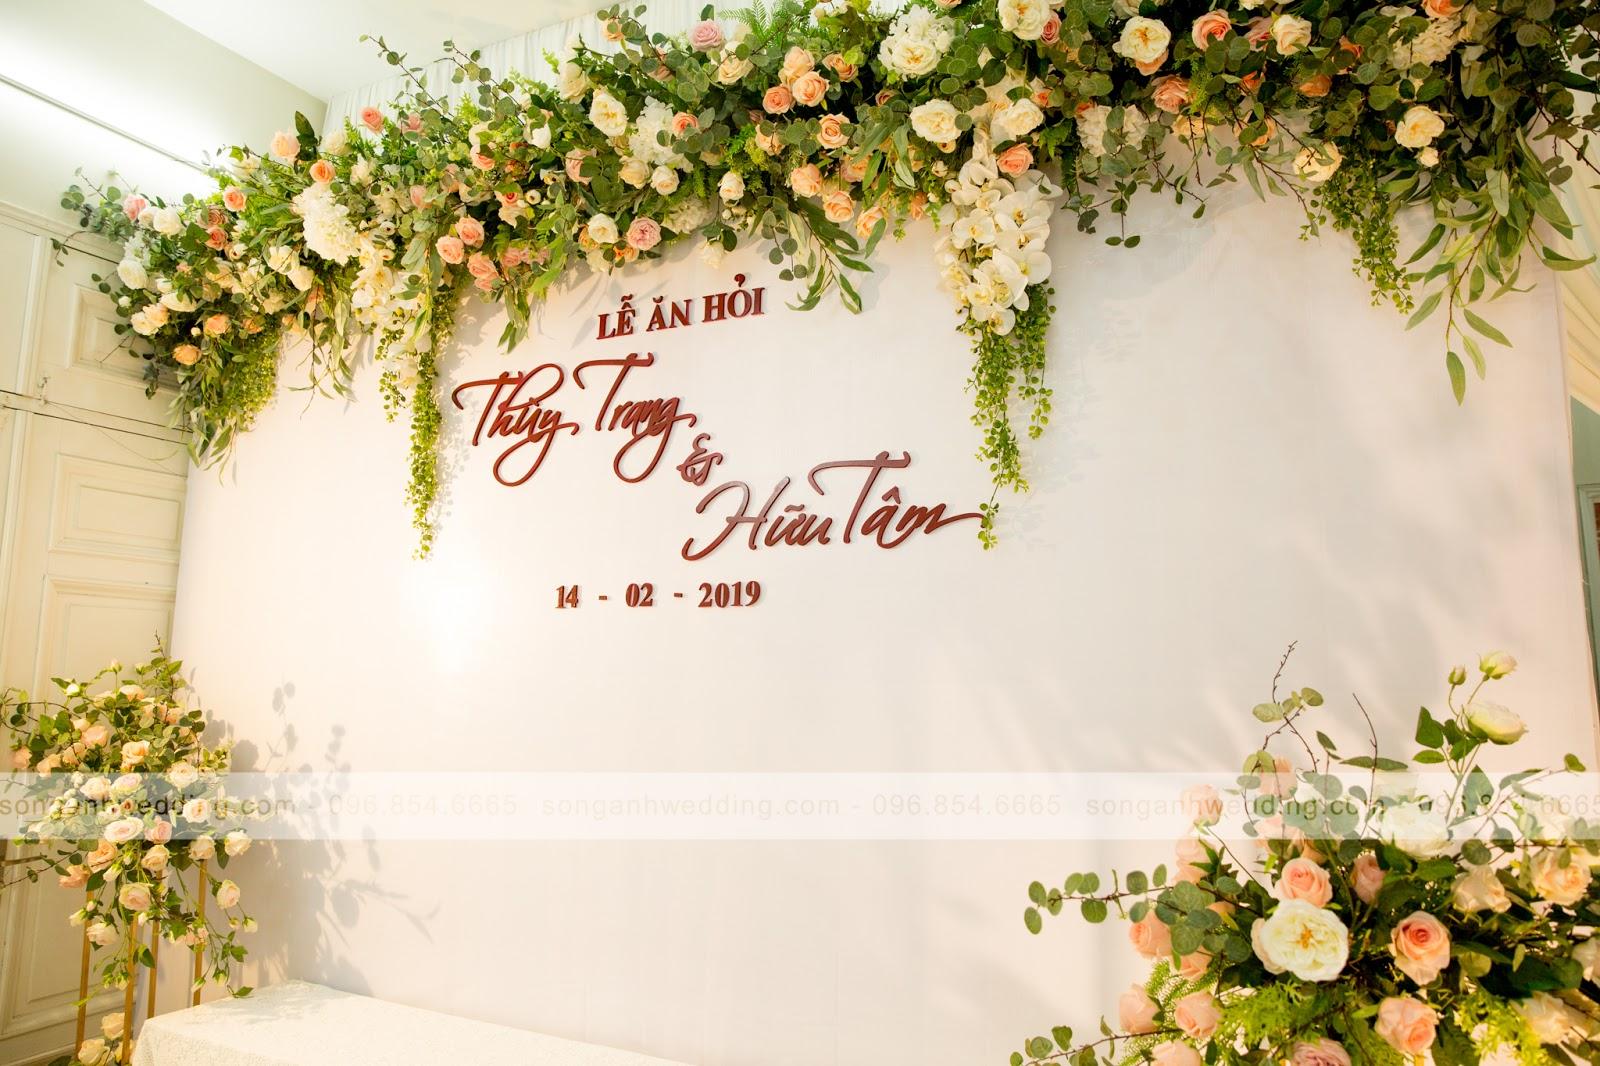 Nền trắng đơn giản điểm thêm hoa lụa được sắp xếp trang trí cầu kì